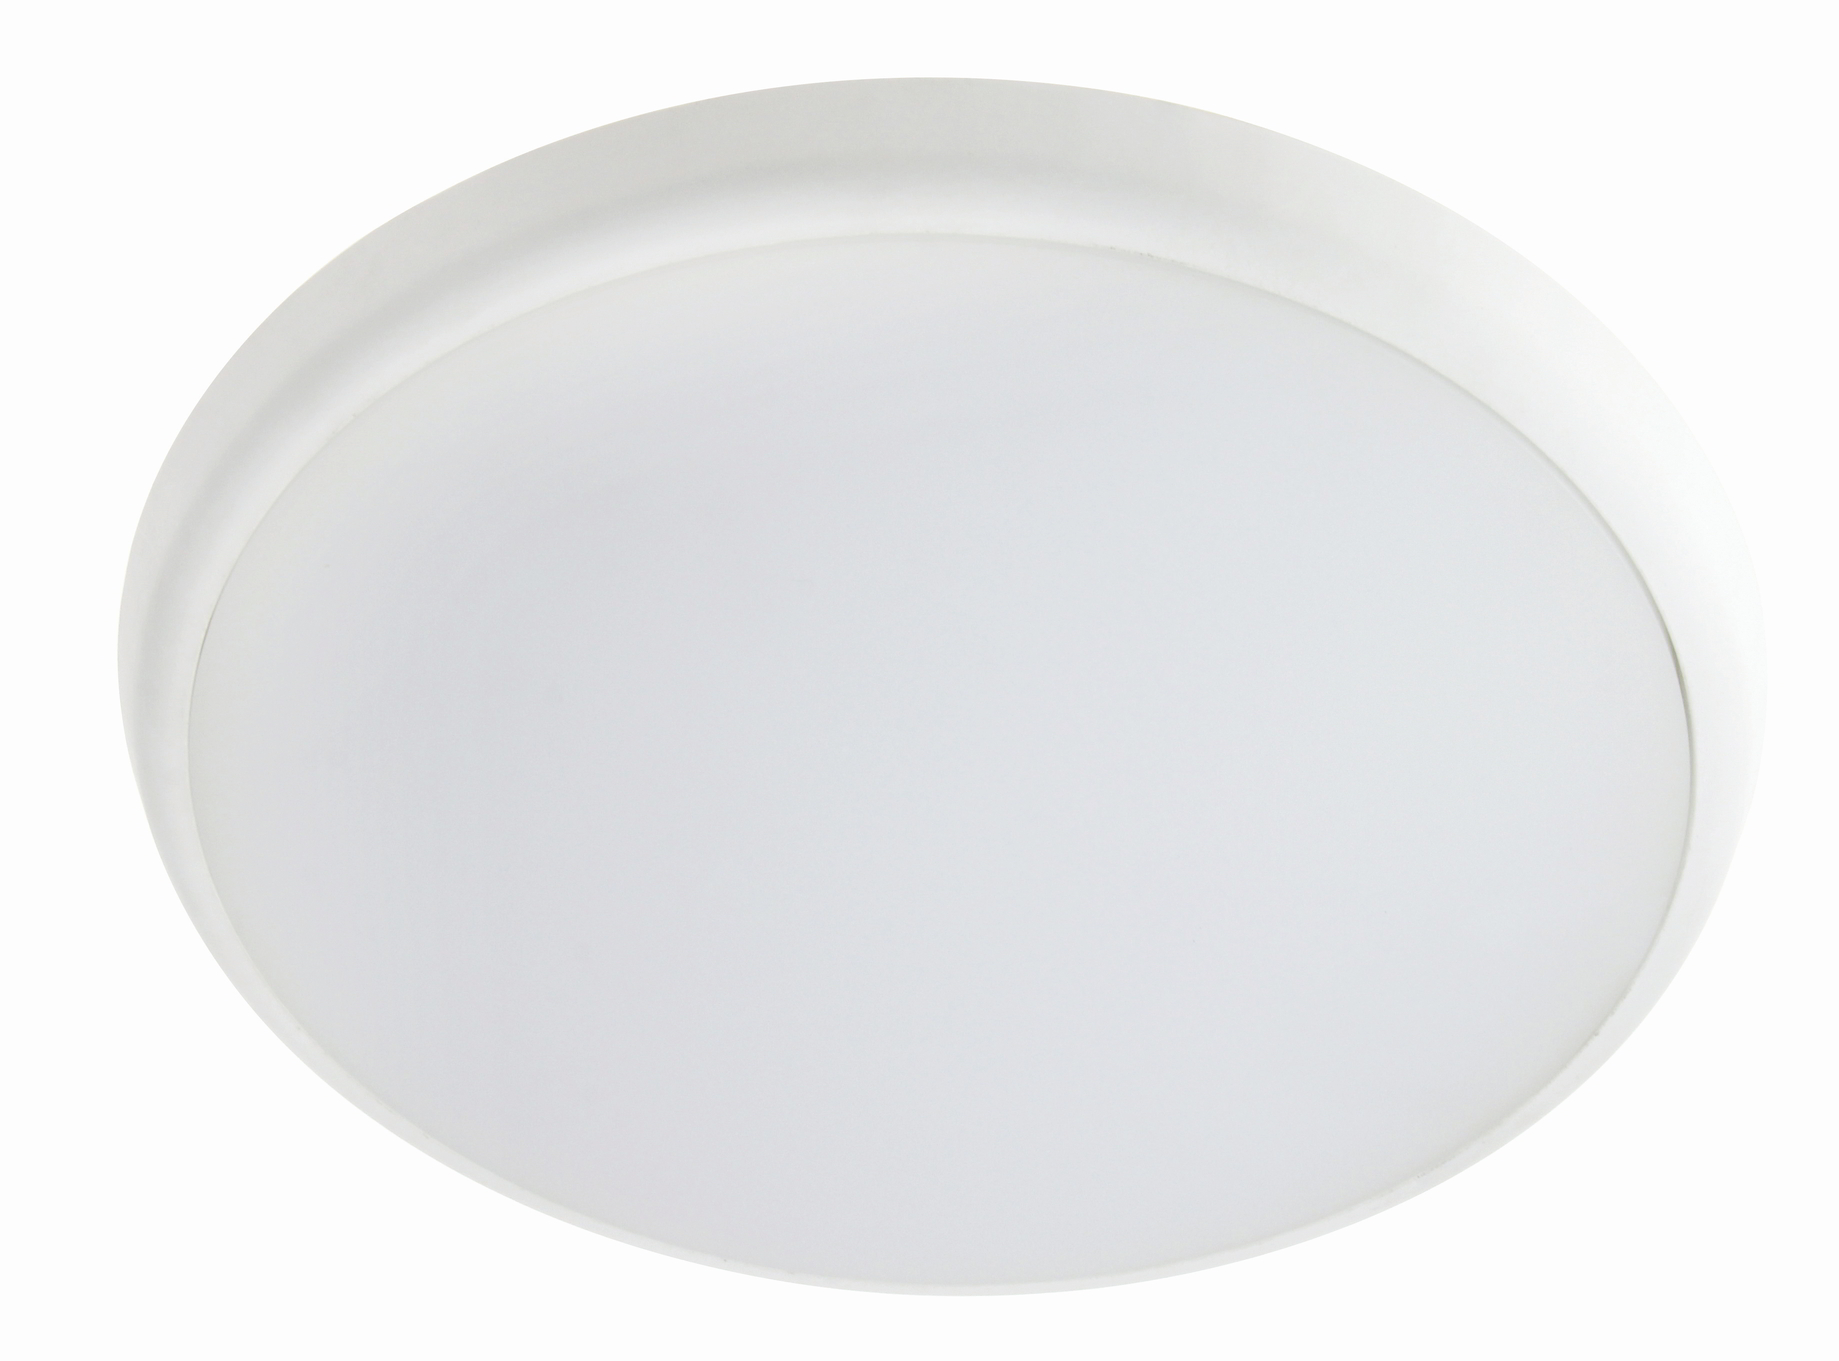 Runde LED Wand- / Deckenleuchte IP54 - dimmbar